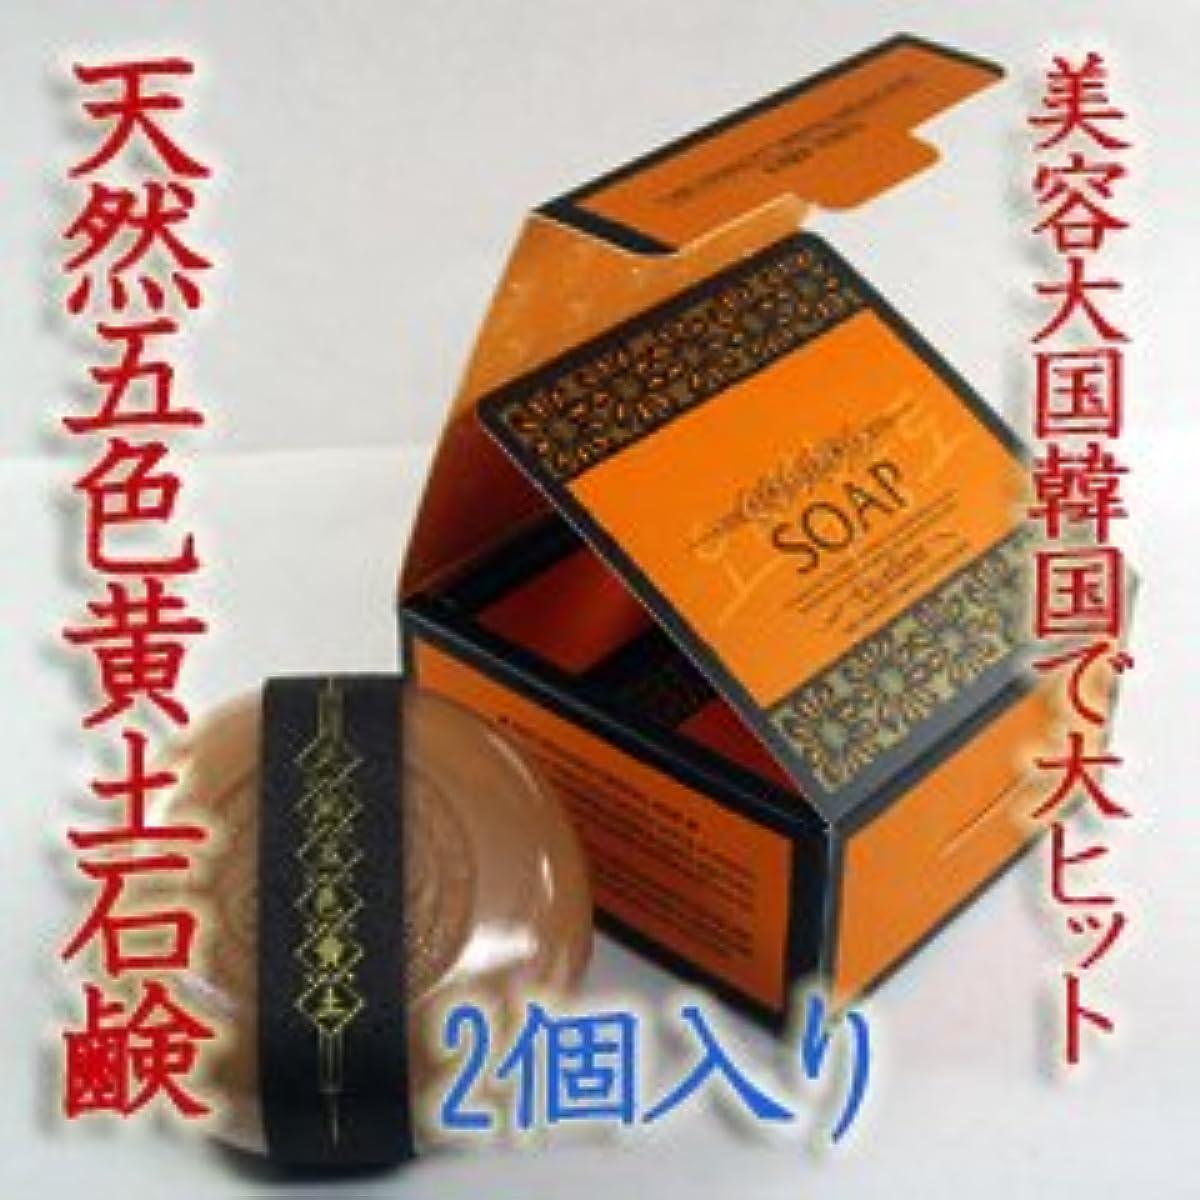 インシデントけん引現代美容石鹸 【五色黄土石鹸 2個入り】 ピエラス正規品